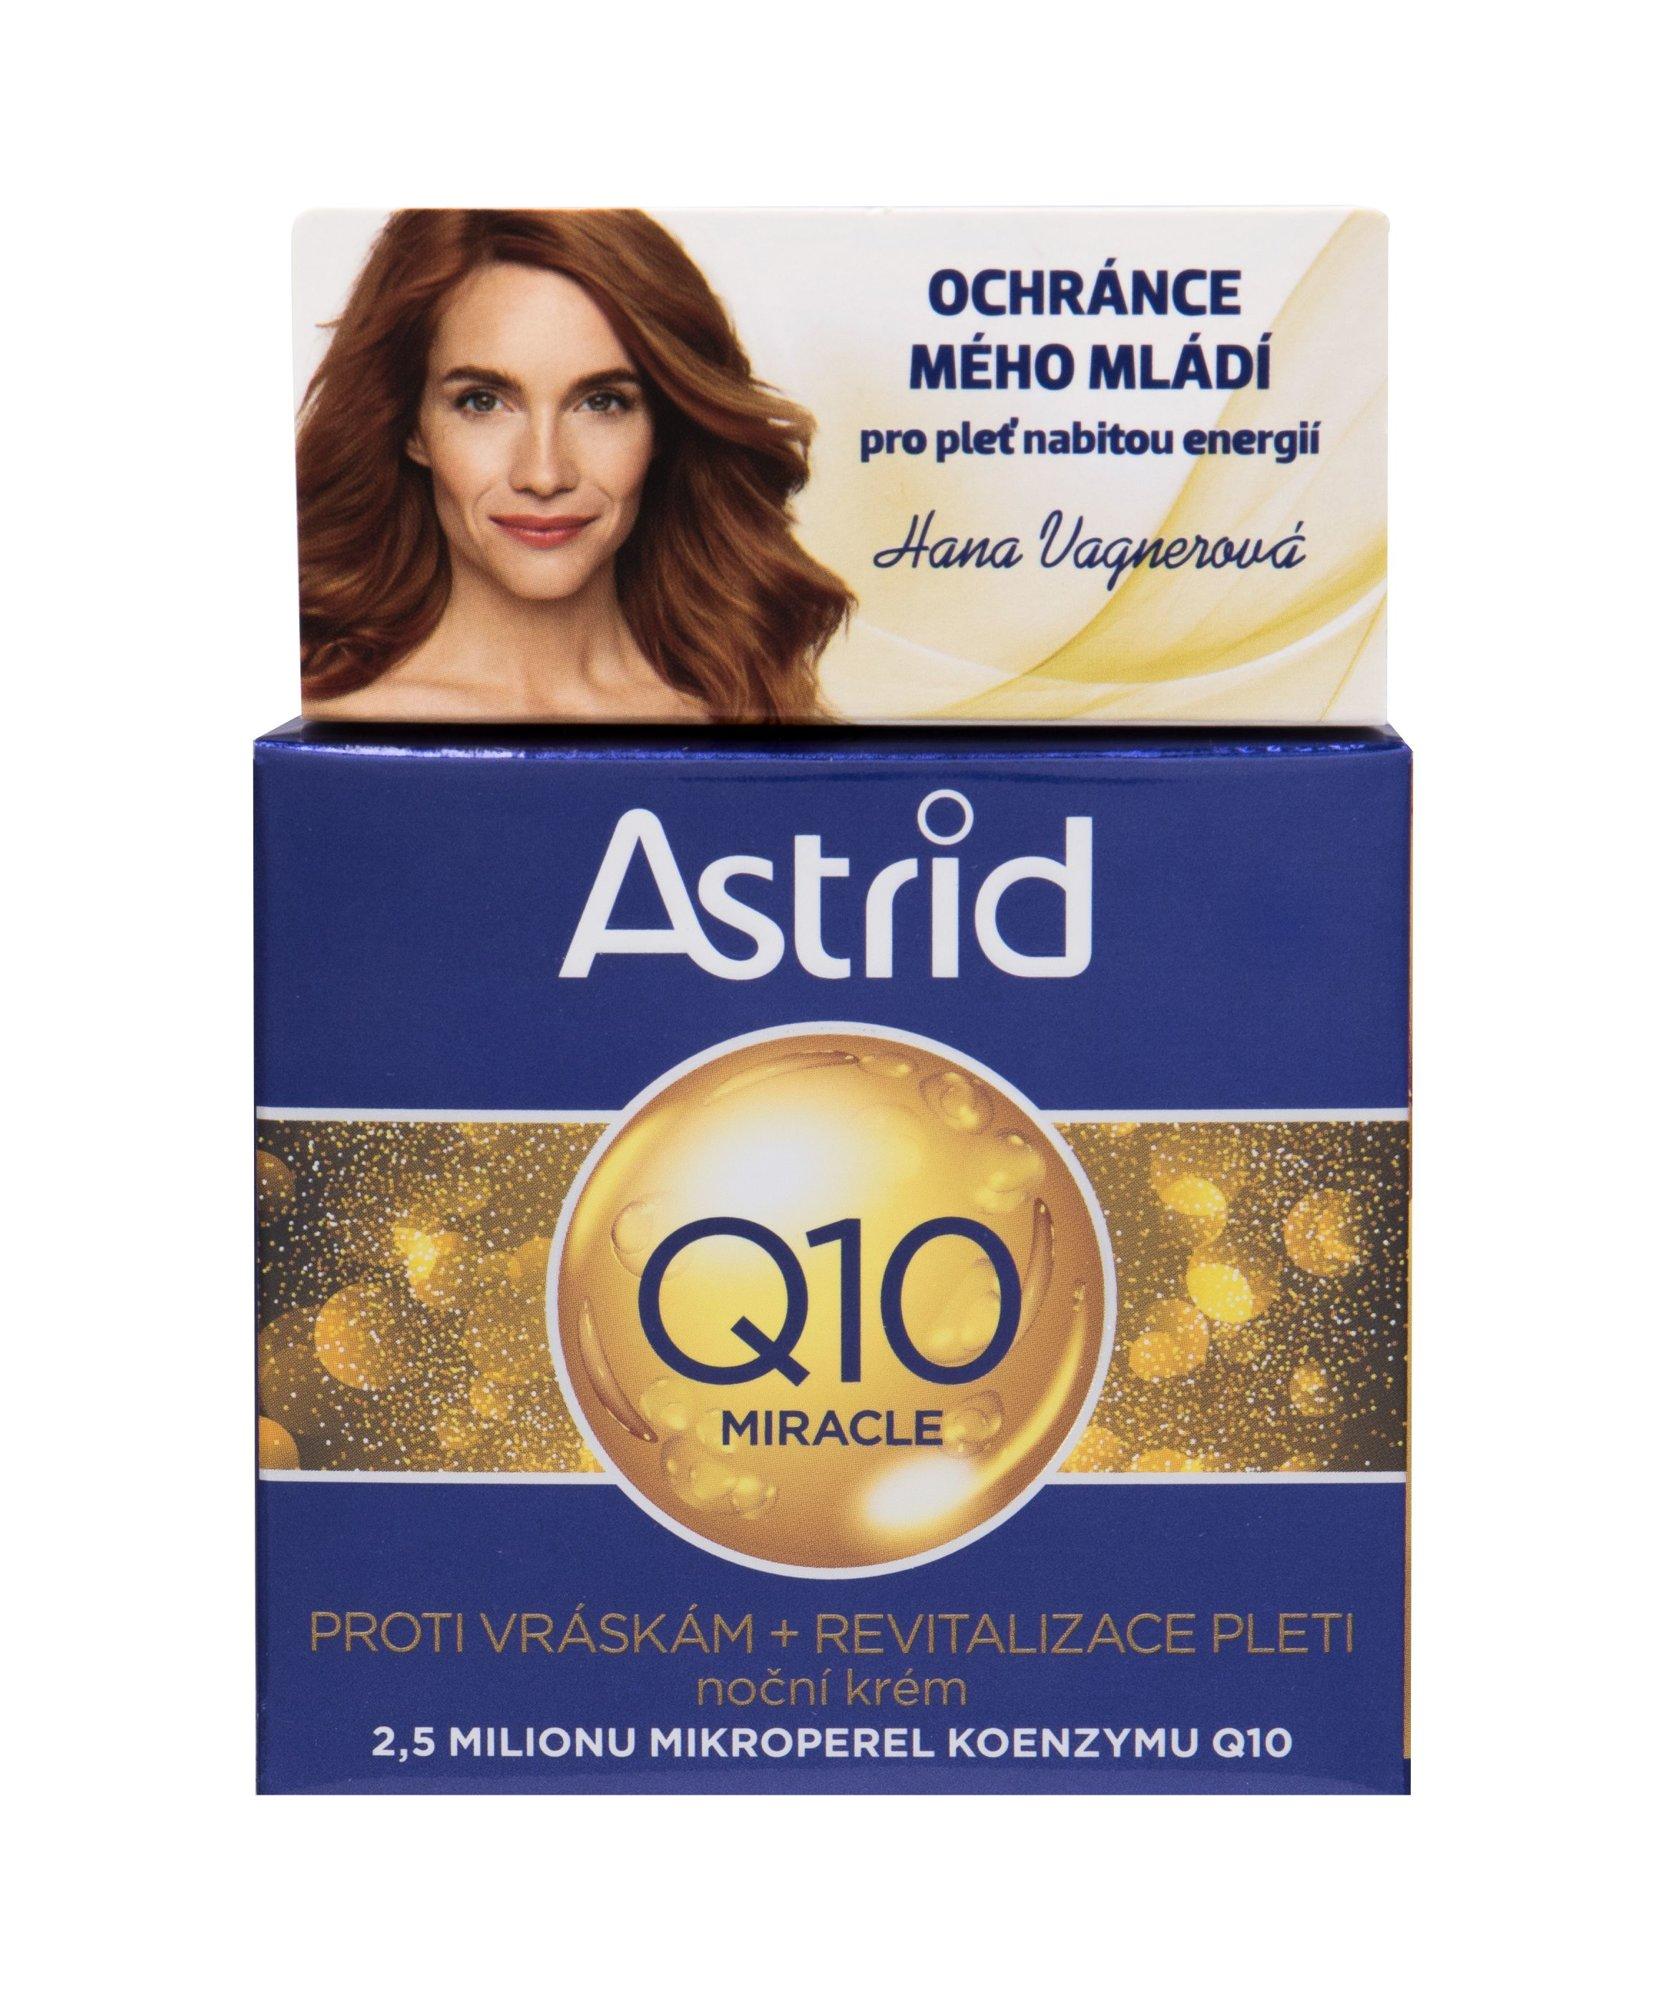 Astrid Q10 Miracle Night Skin Cream 50ml